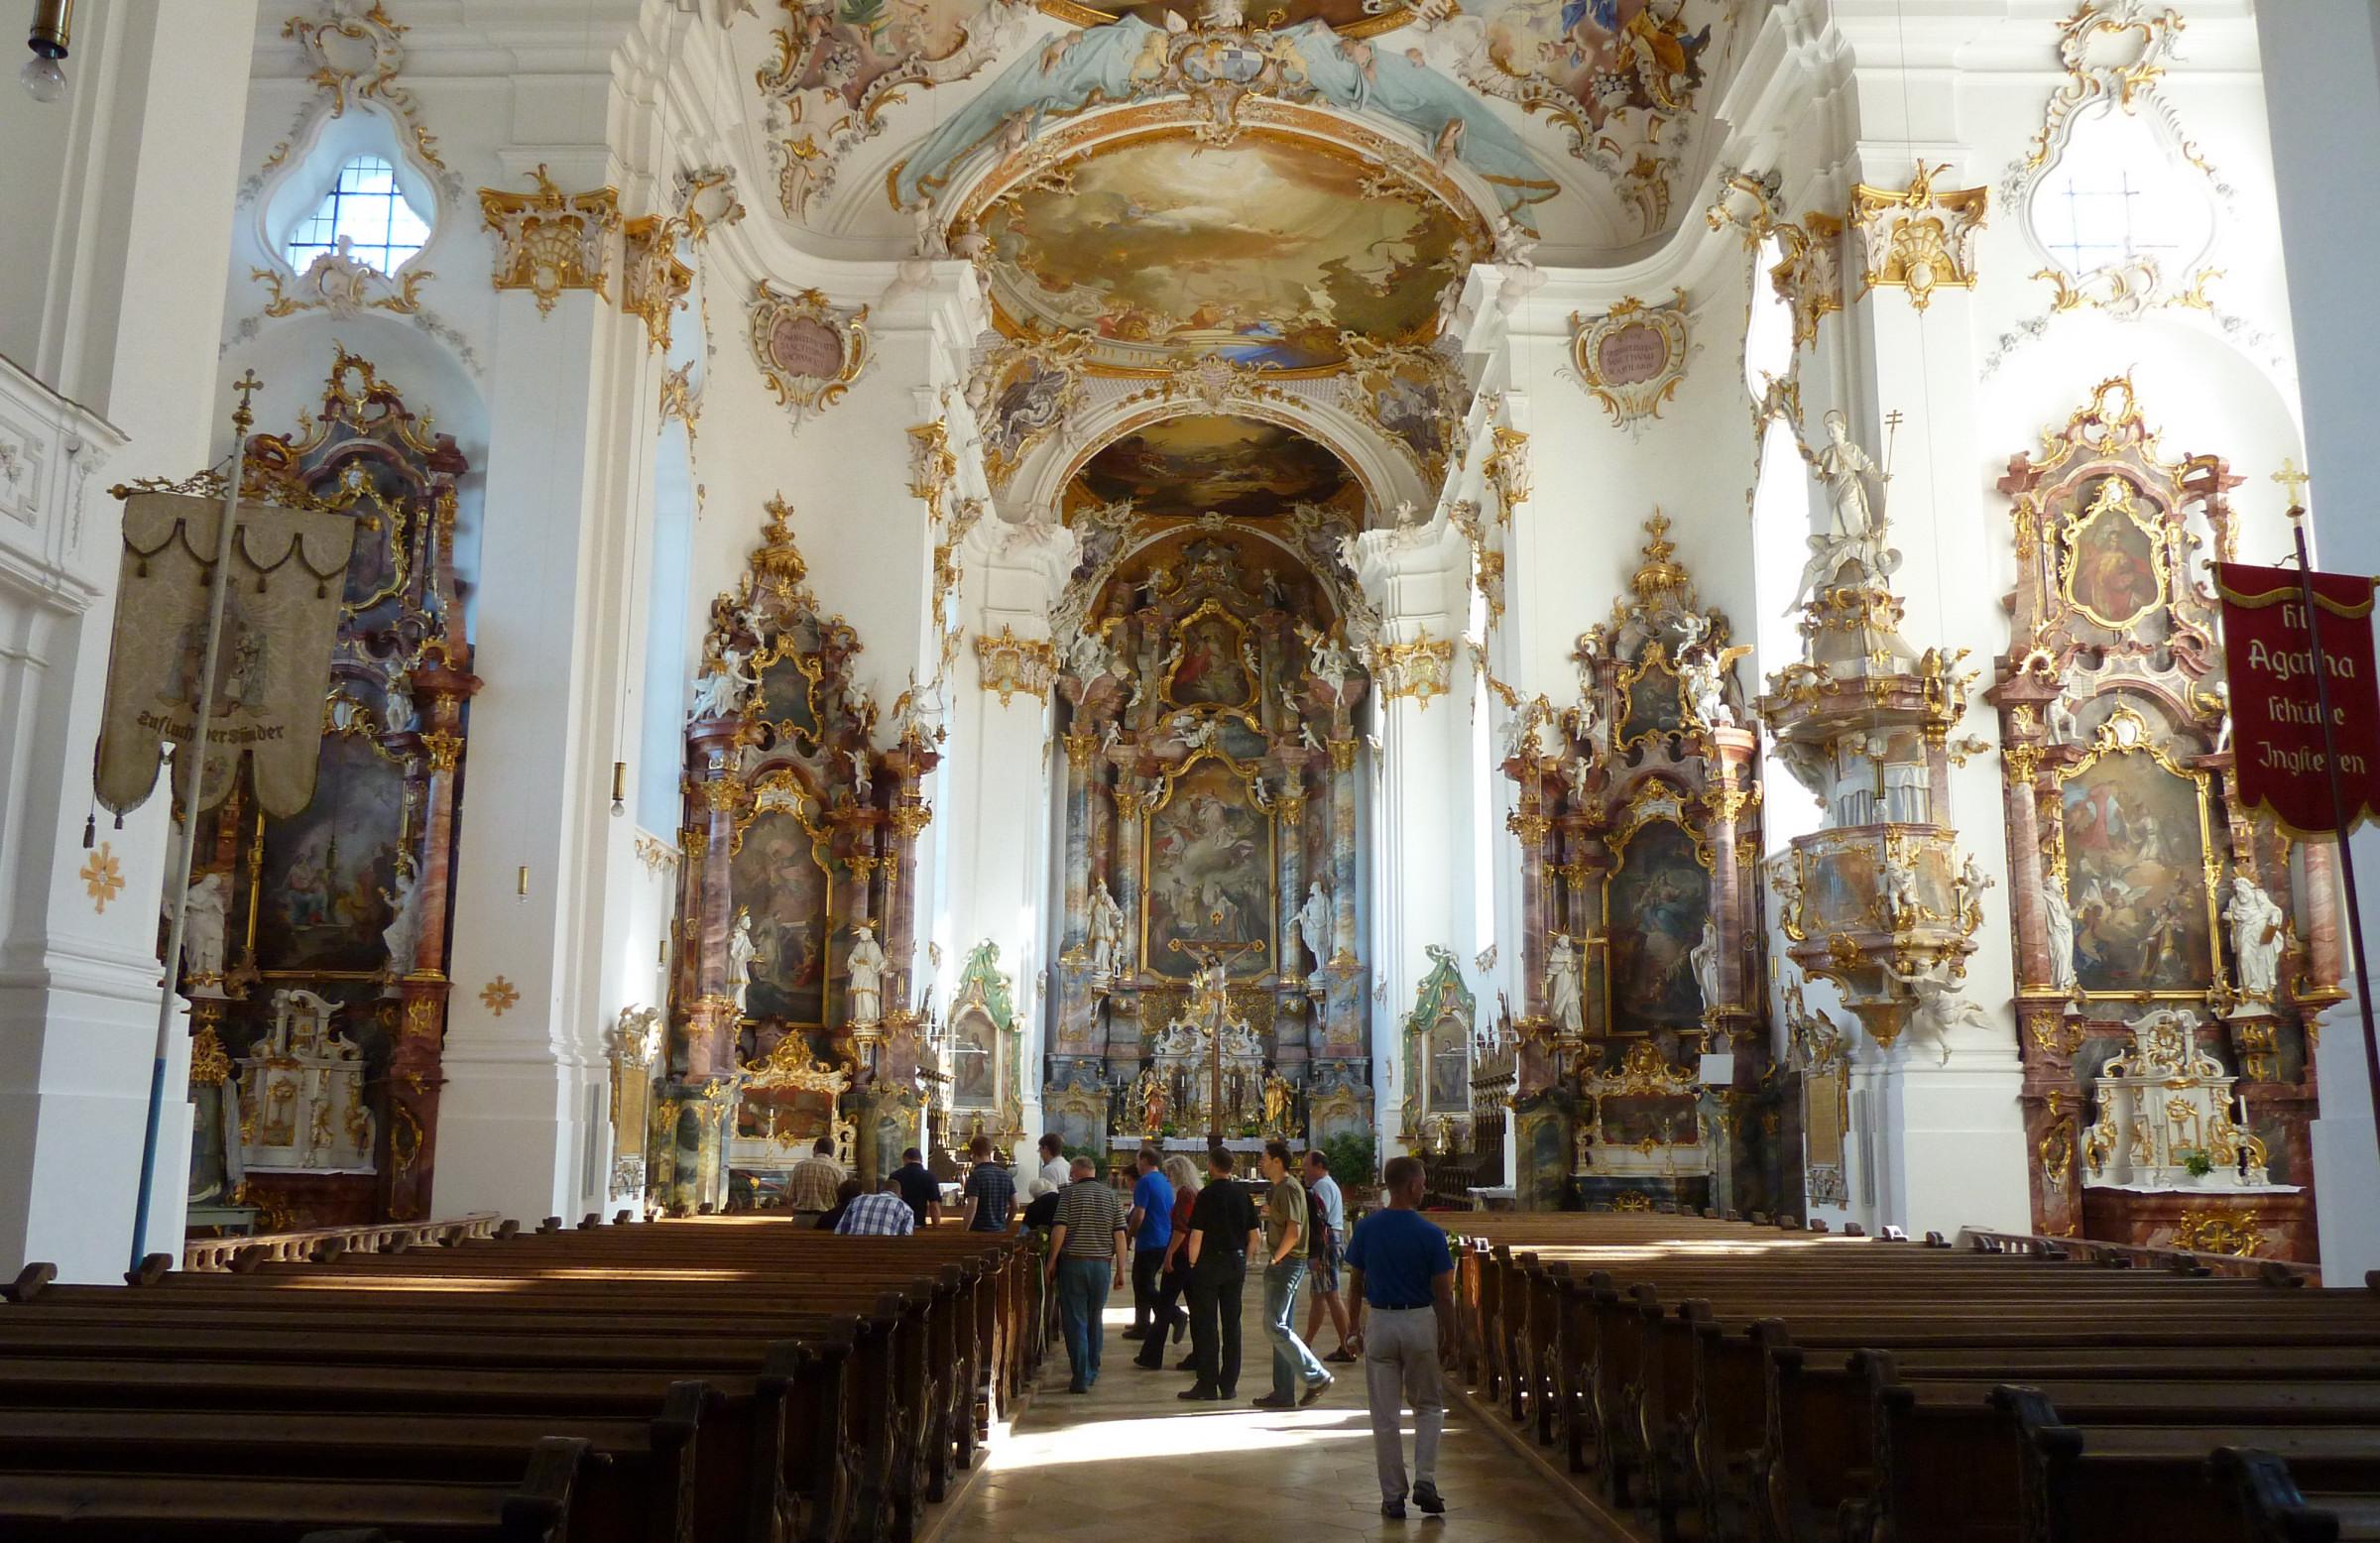 Teilnehmer in der imposanten Klosterkirche